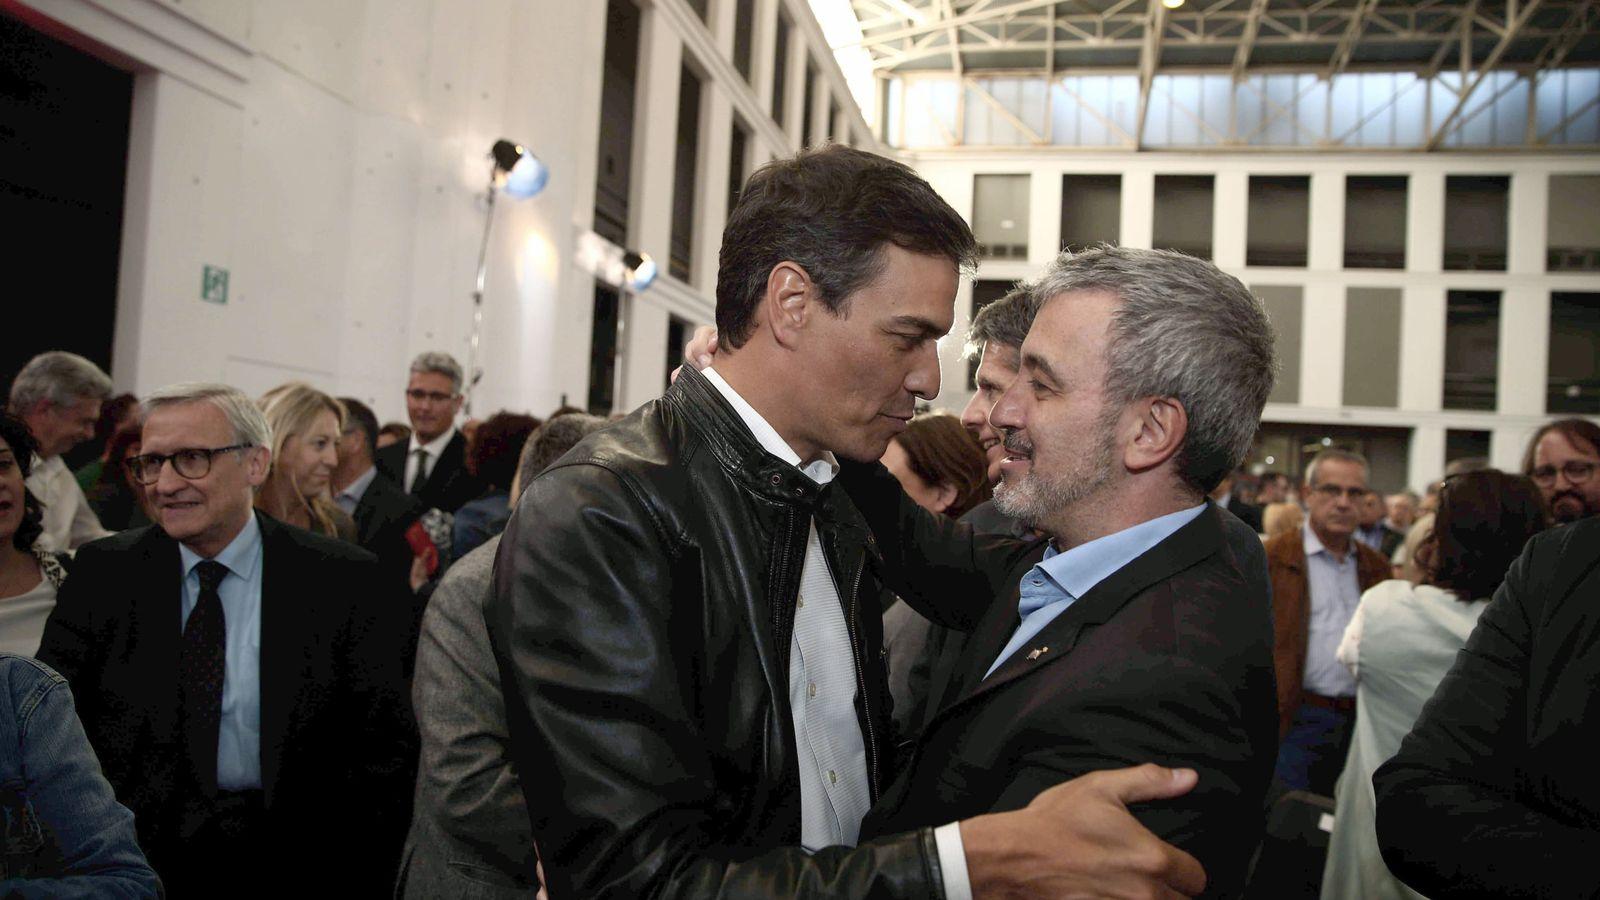 Foto: Sánchez saluda al socialista Jaume Collboni, segundo teniente de alcalde de Barcelona, el pasado 19 de abril en el homenaje a Carme Chacón en la capital catalana. (EFE)